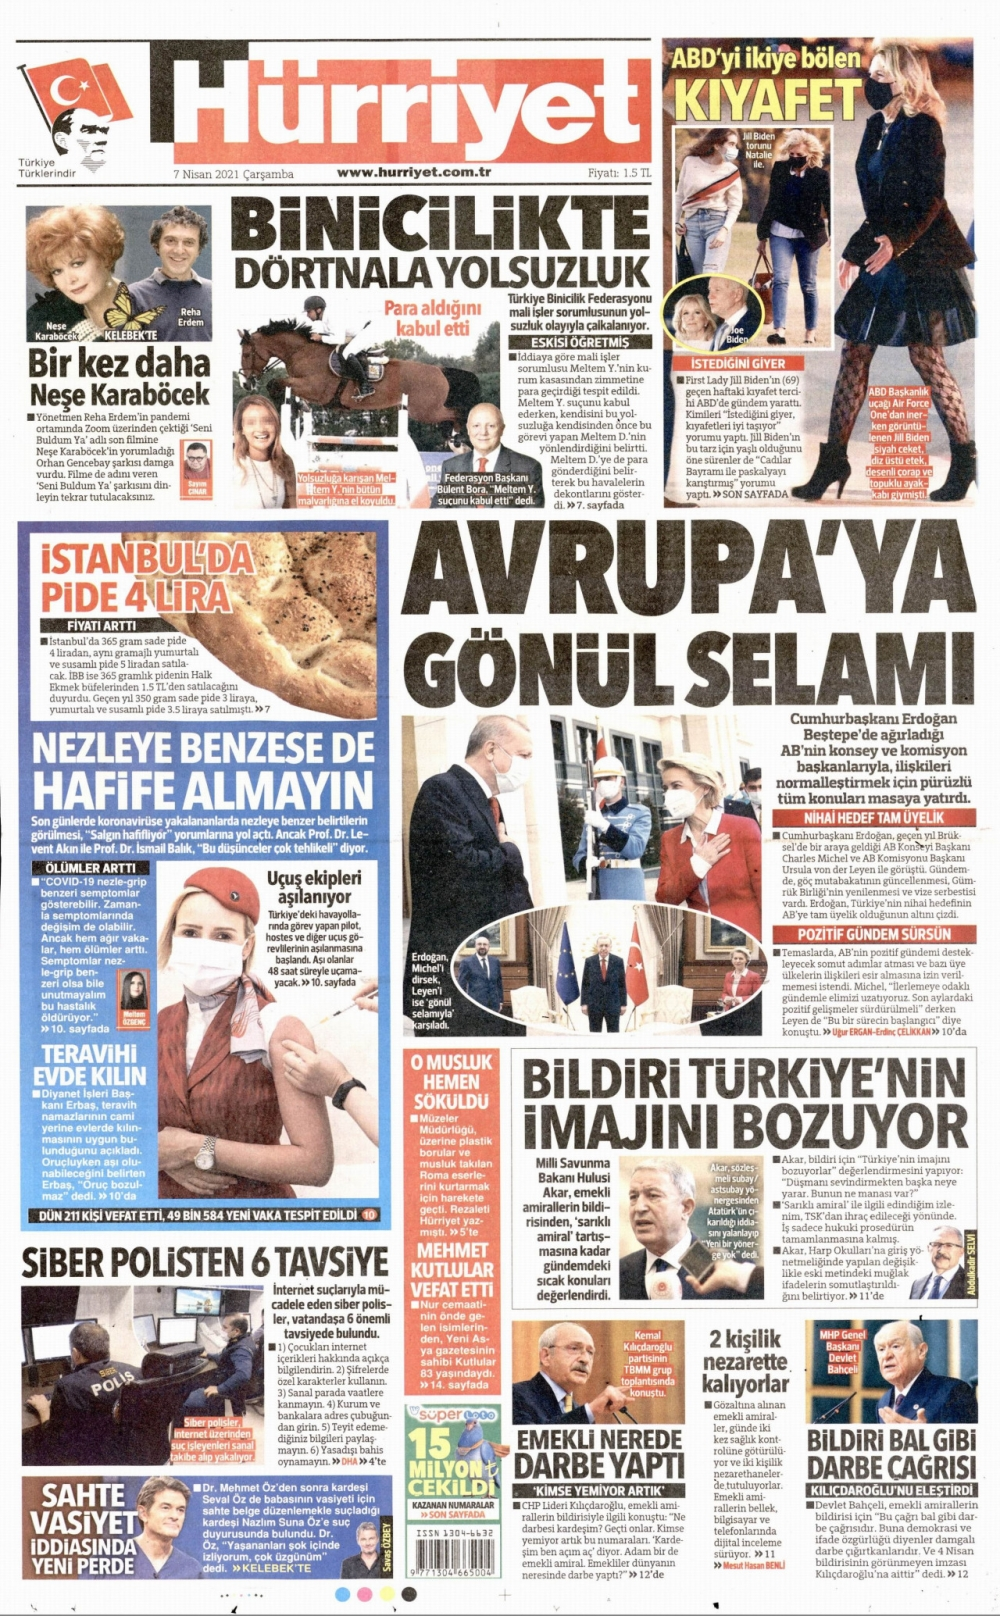 Günün Gazete Manşetleri 7 Nisan 2021 Gazeteler Ne Diyor? 1